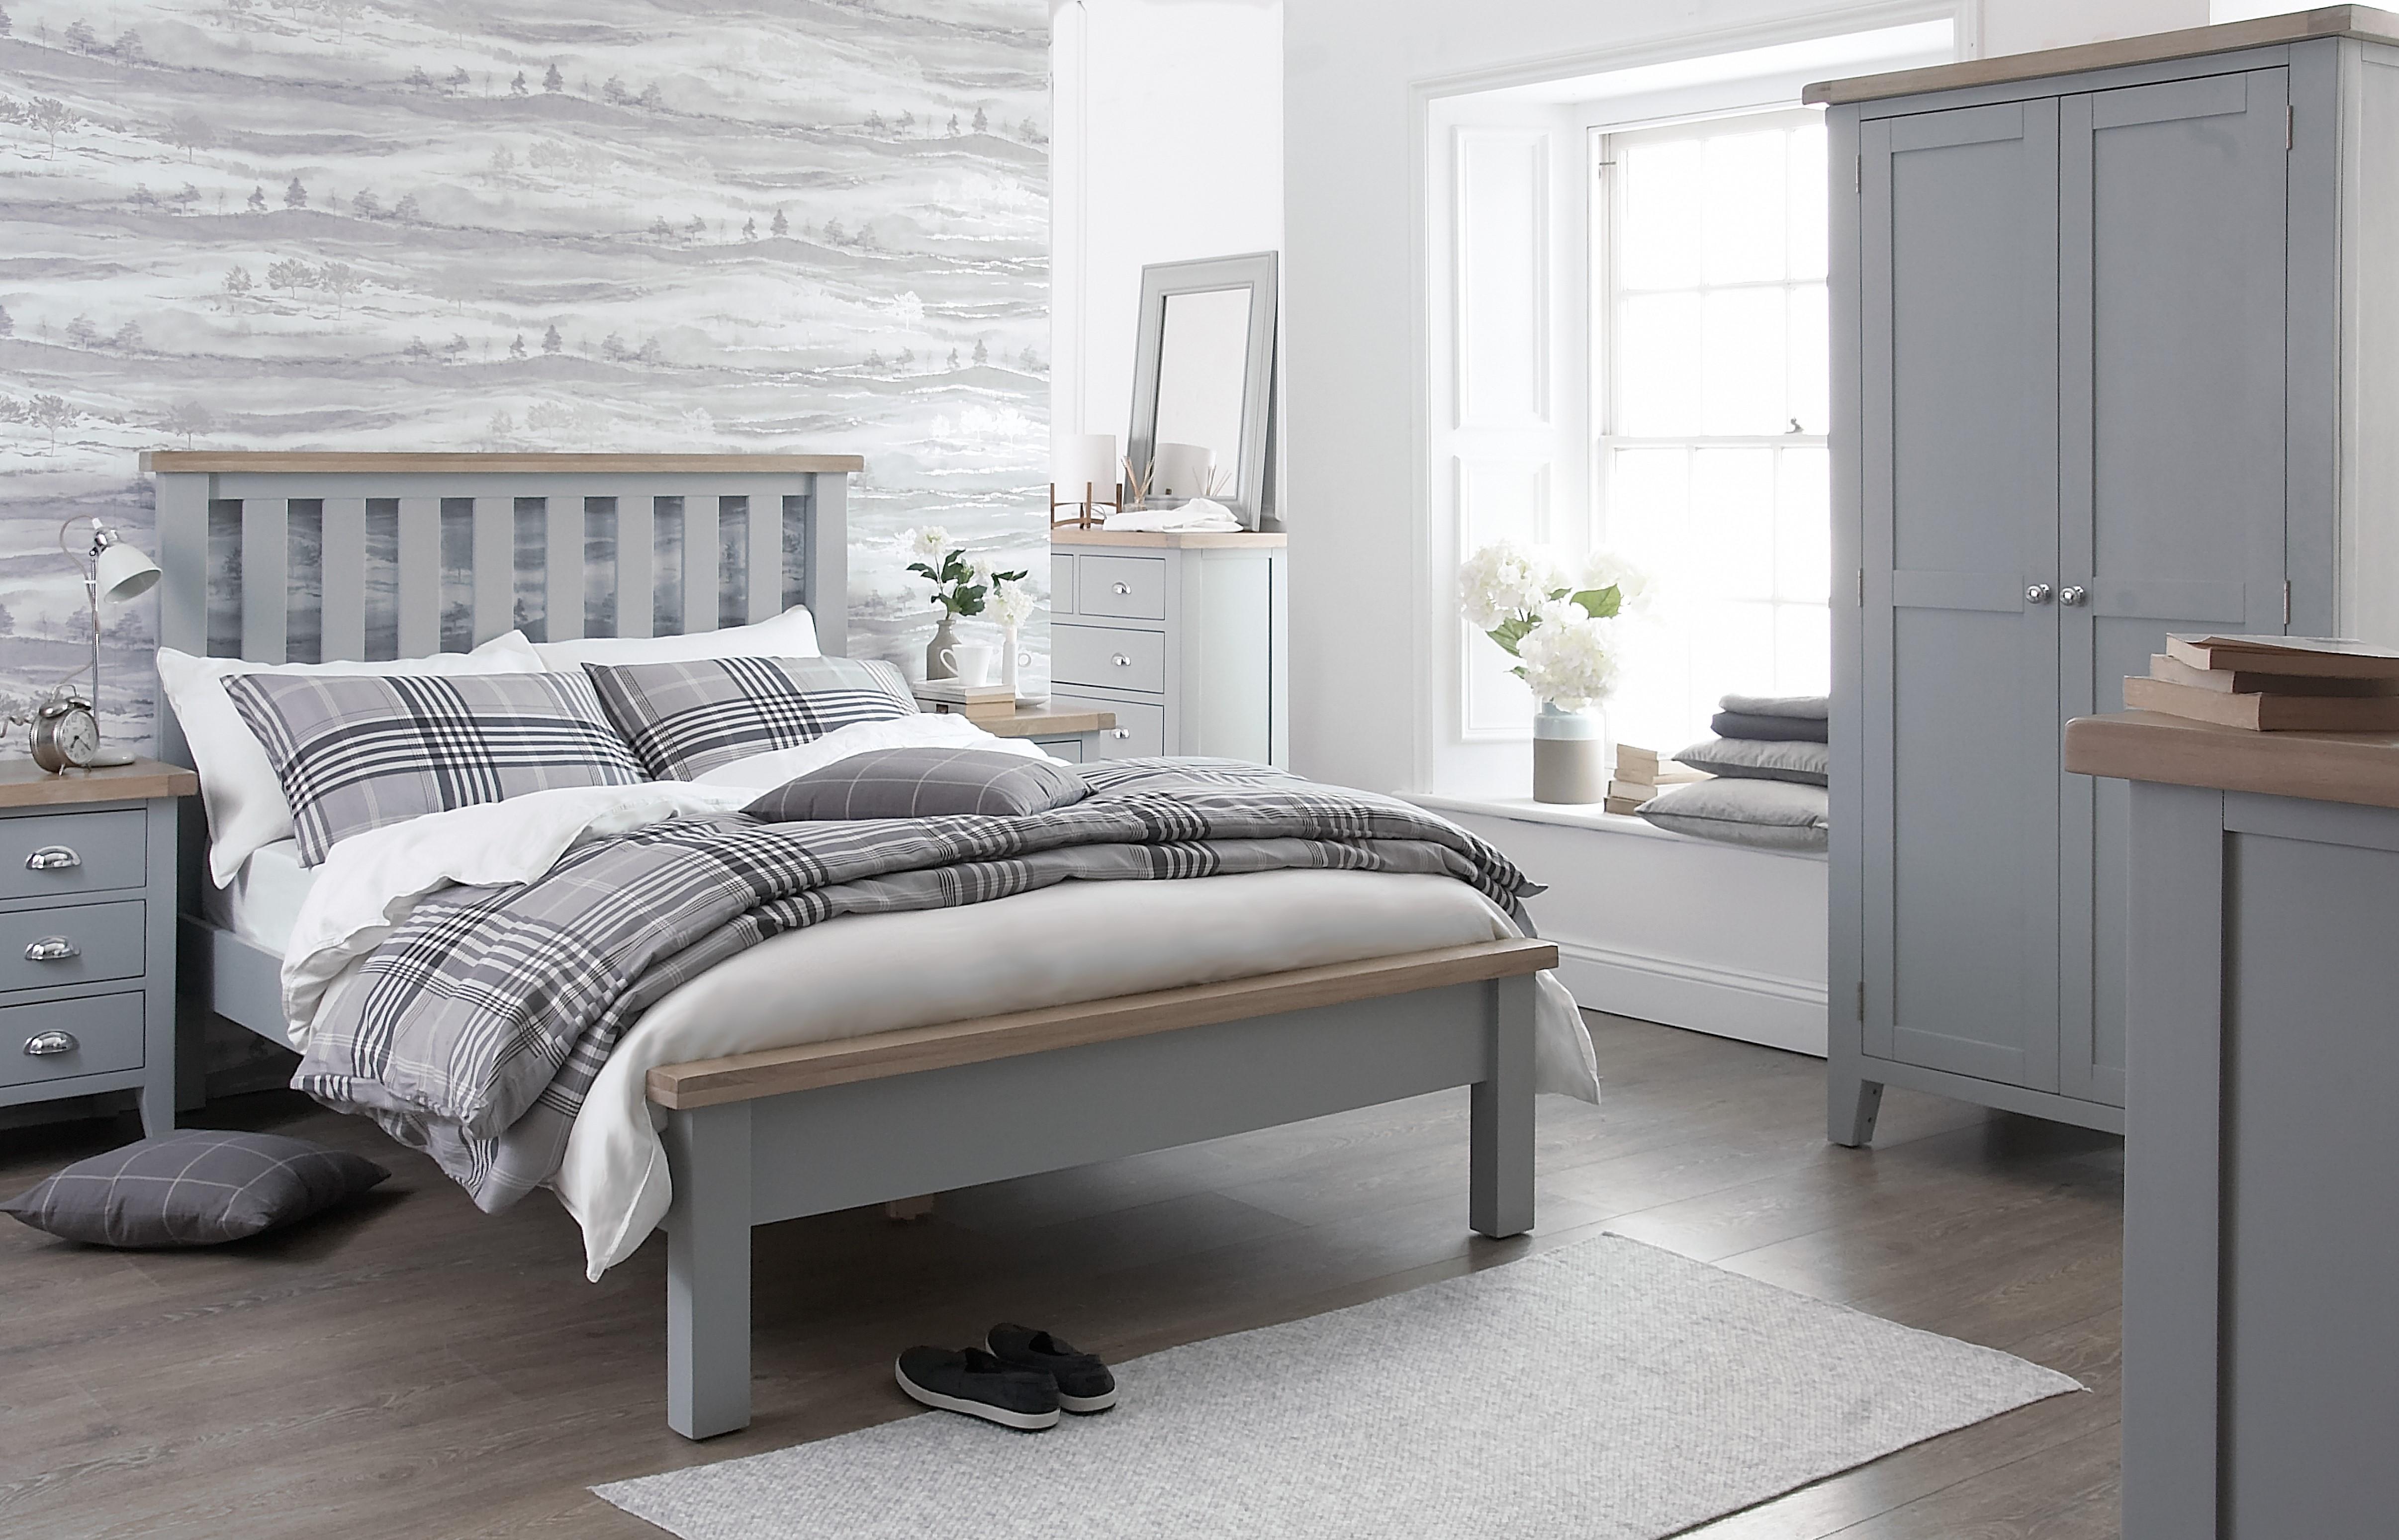 TT_grey_bedroom.jpg